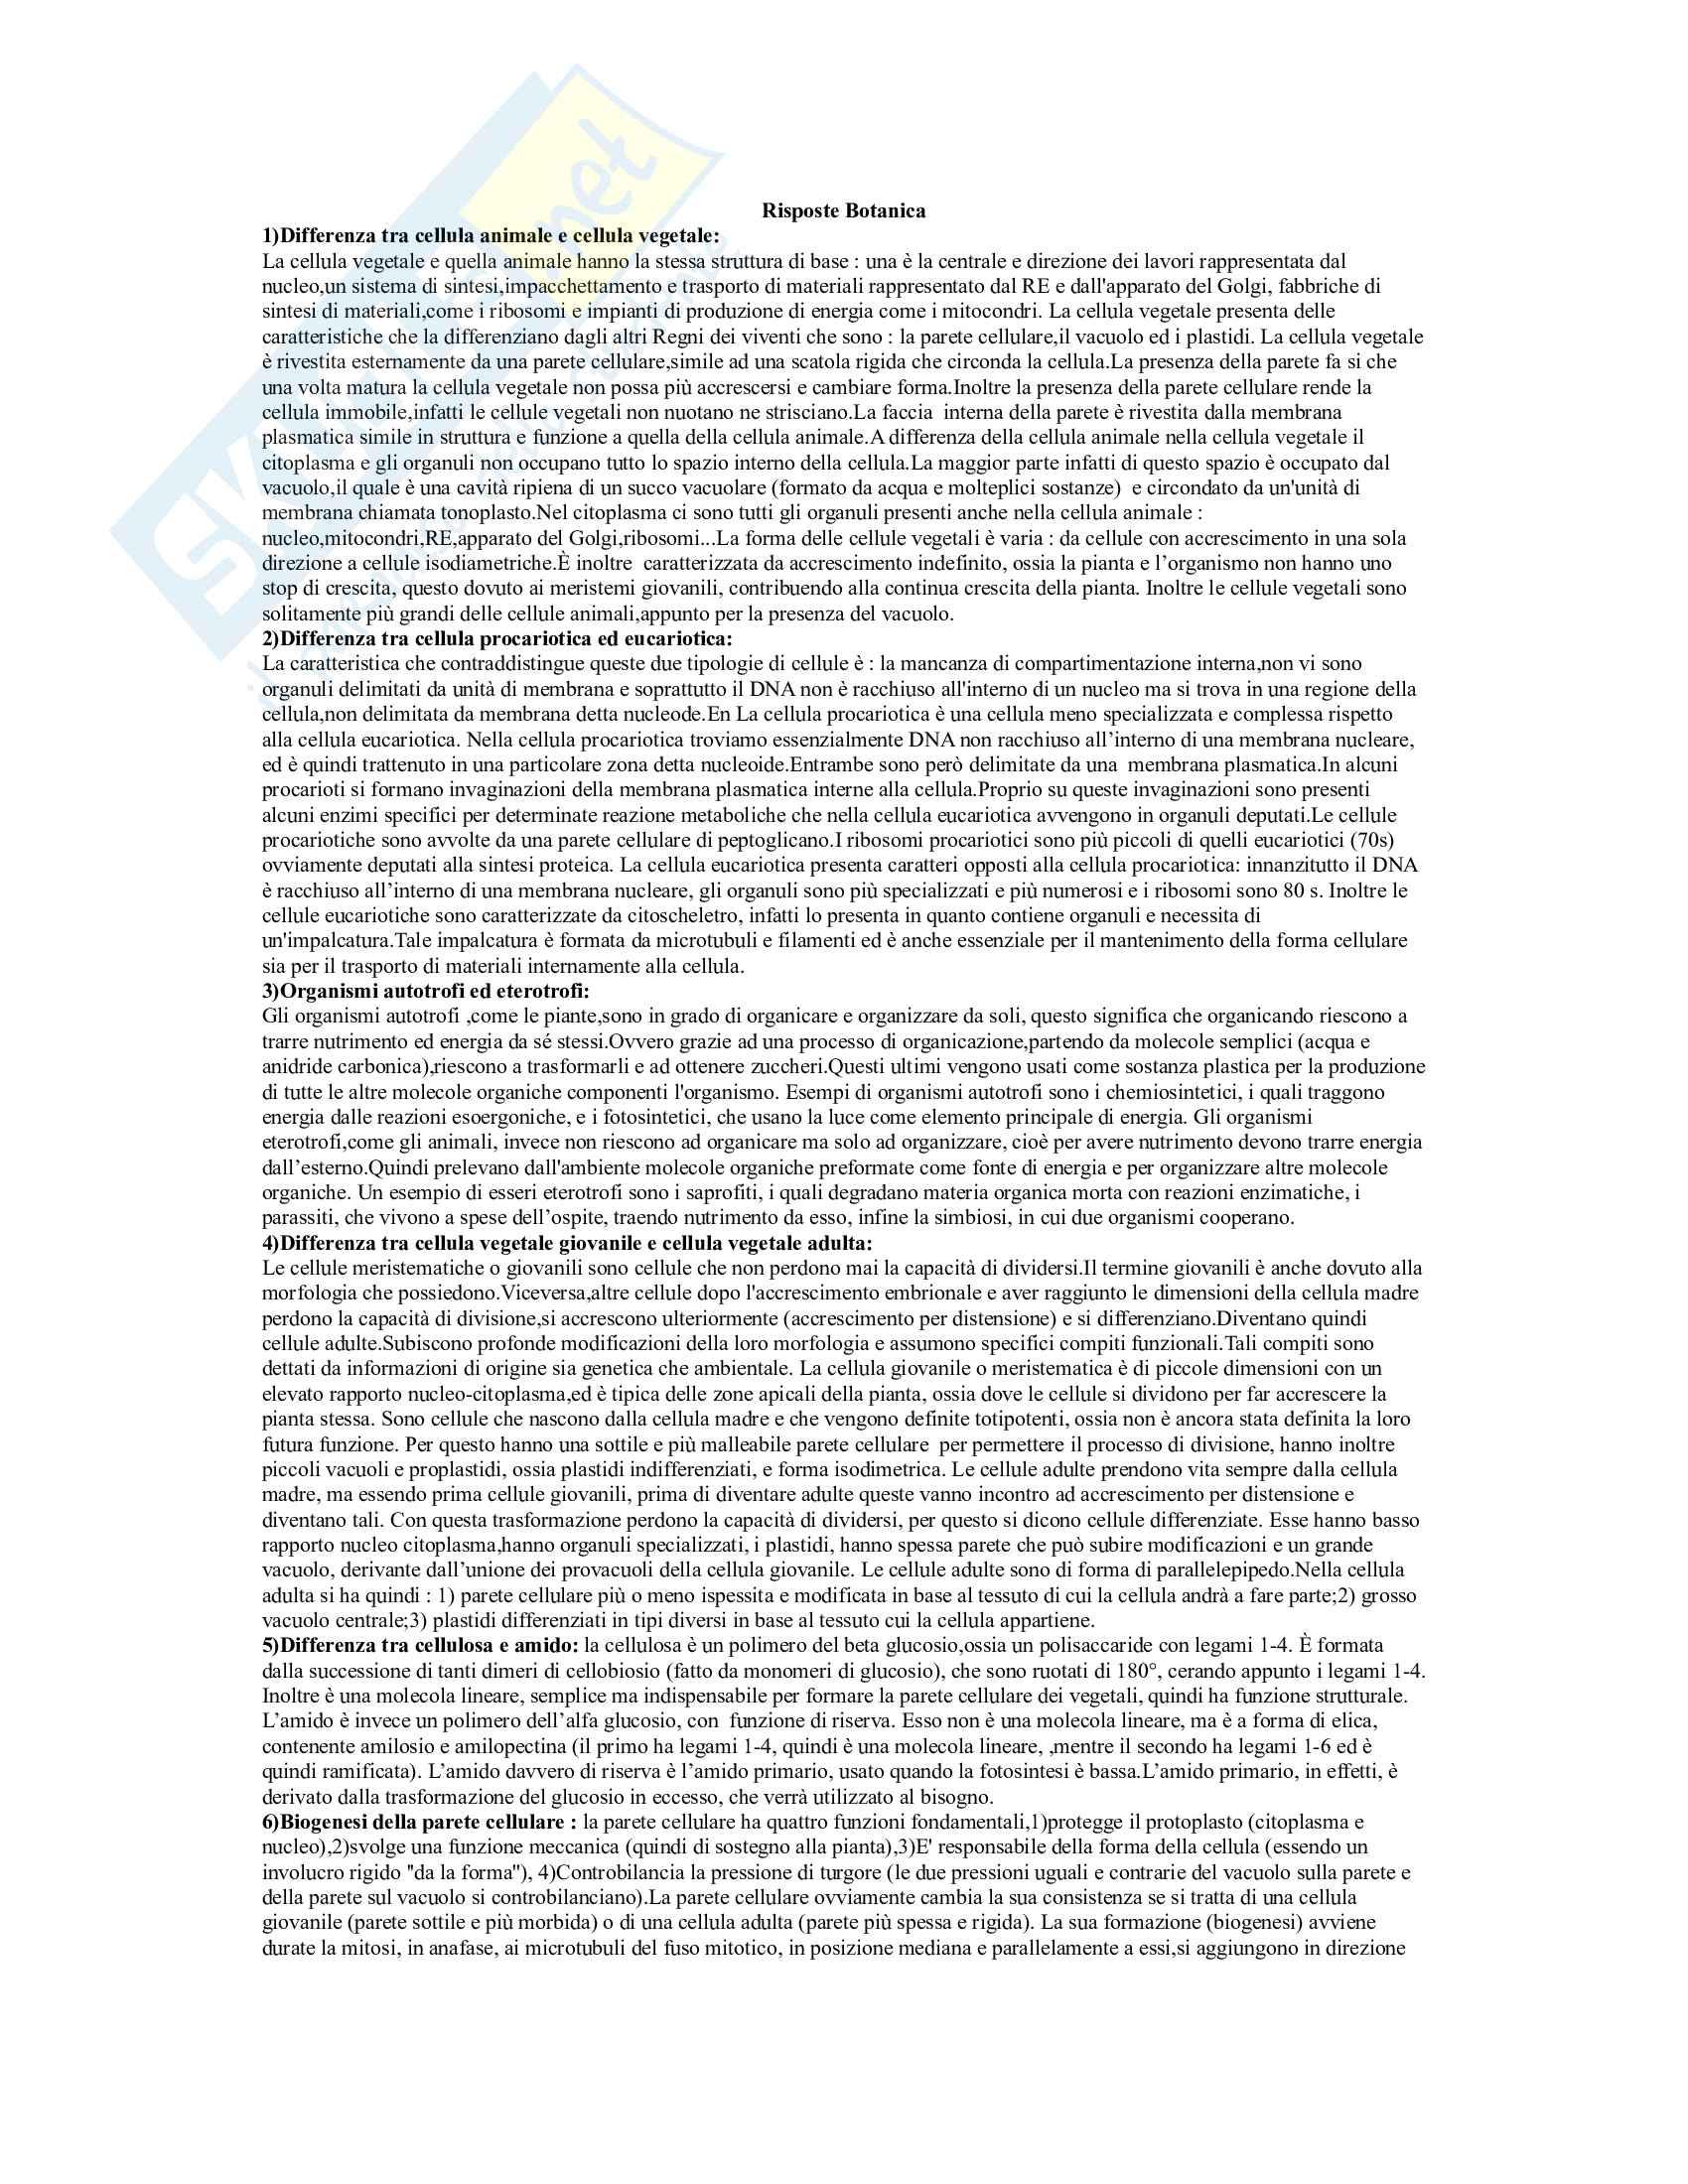 Tutte le risposte per un esame di botanica